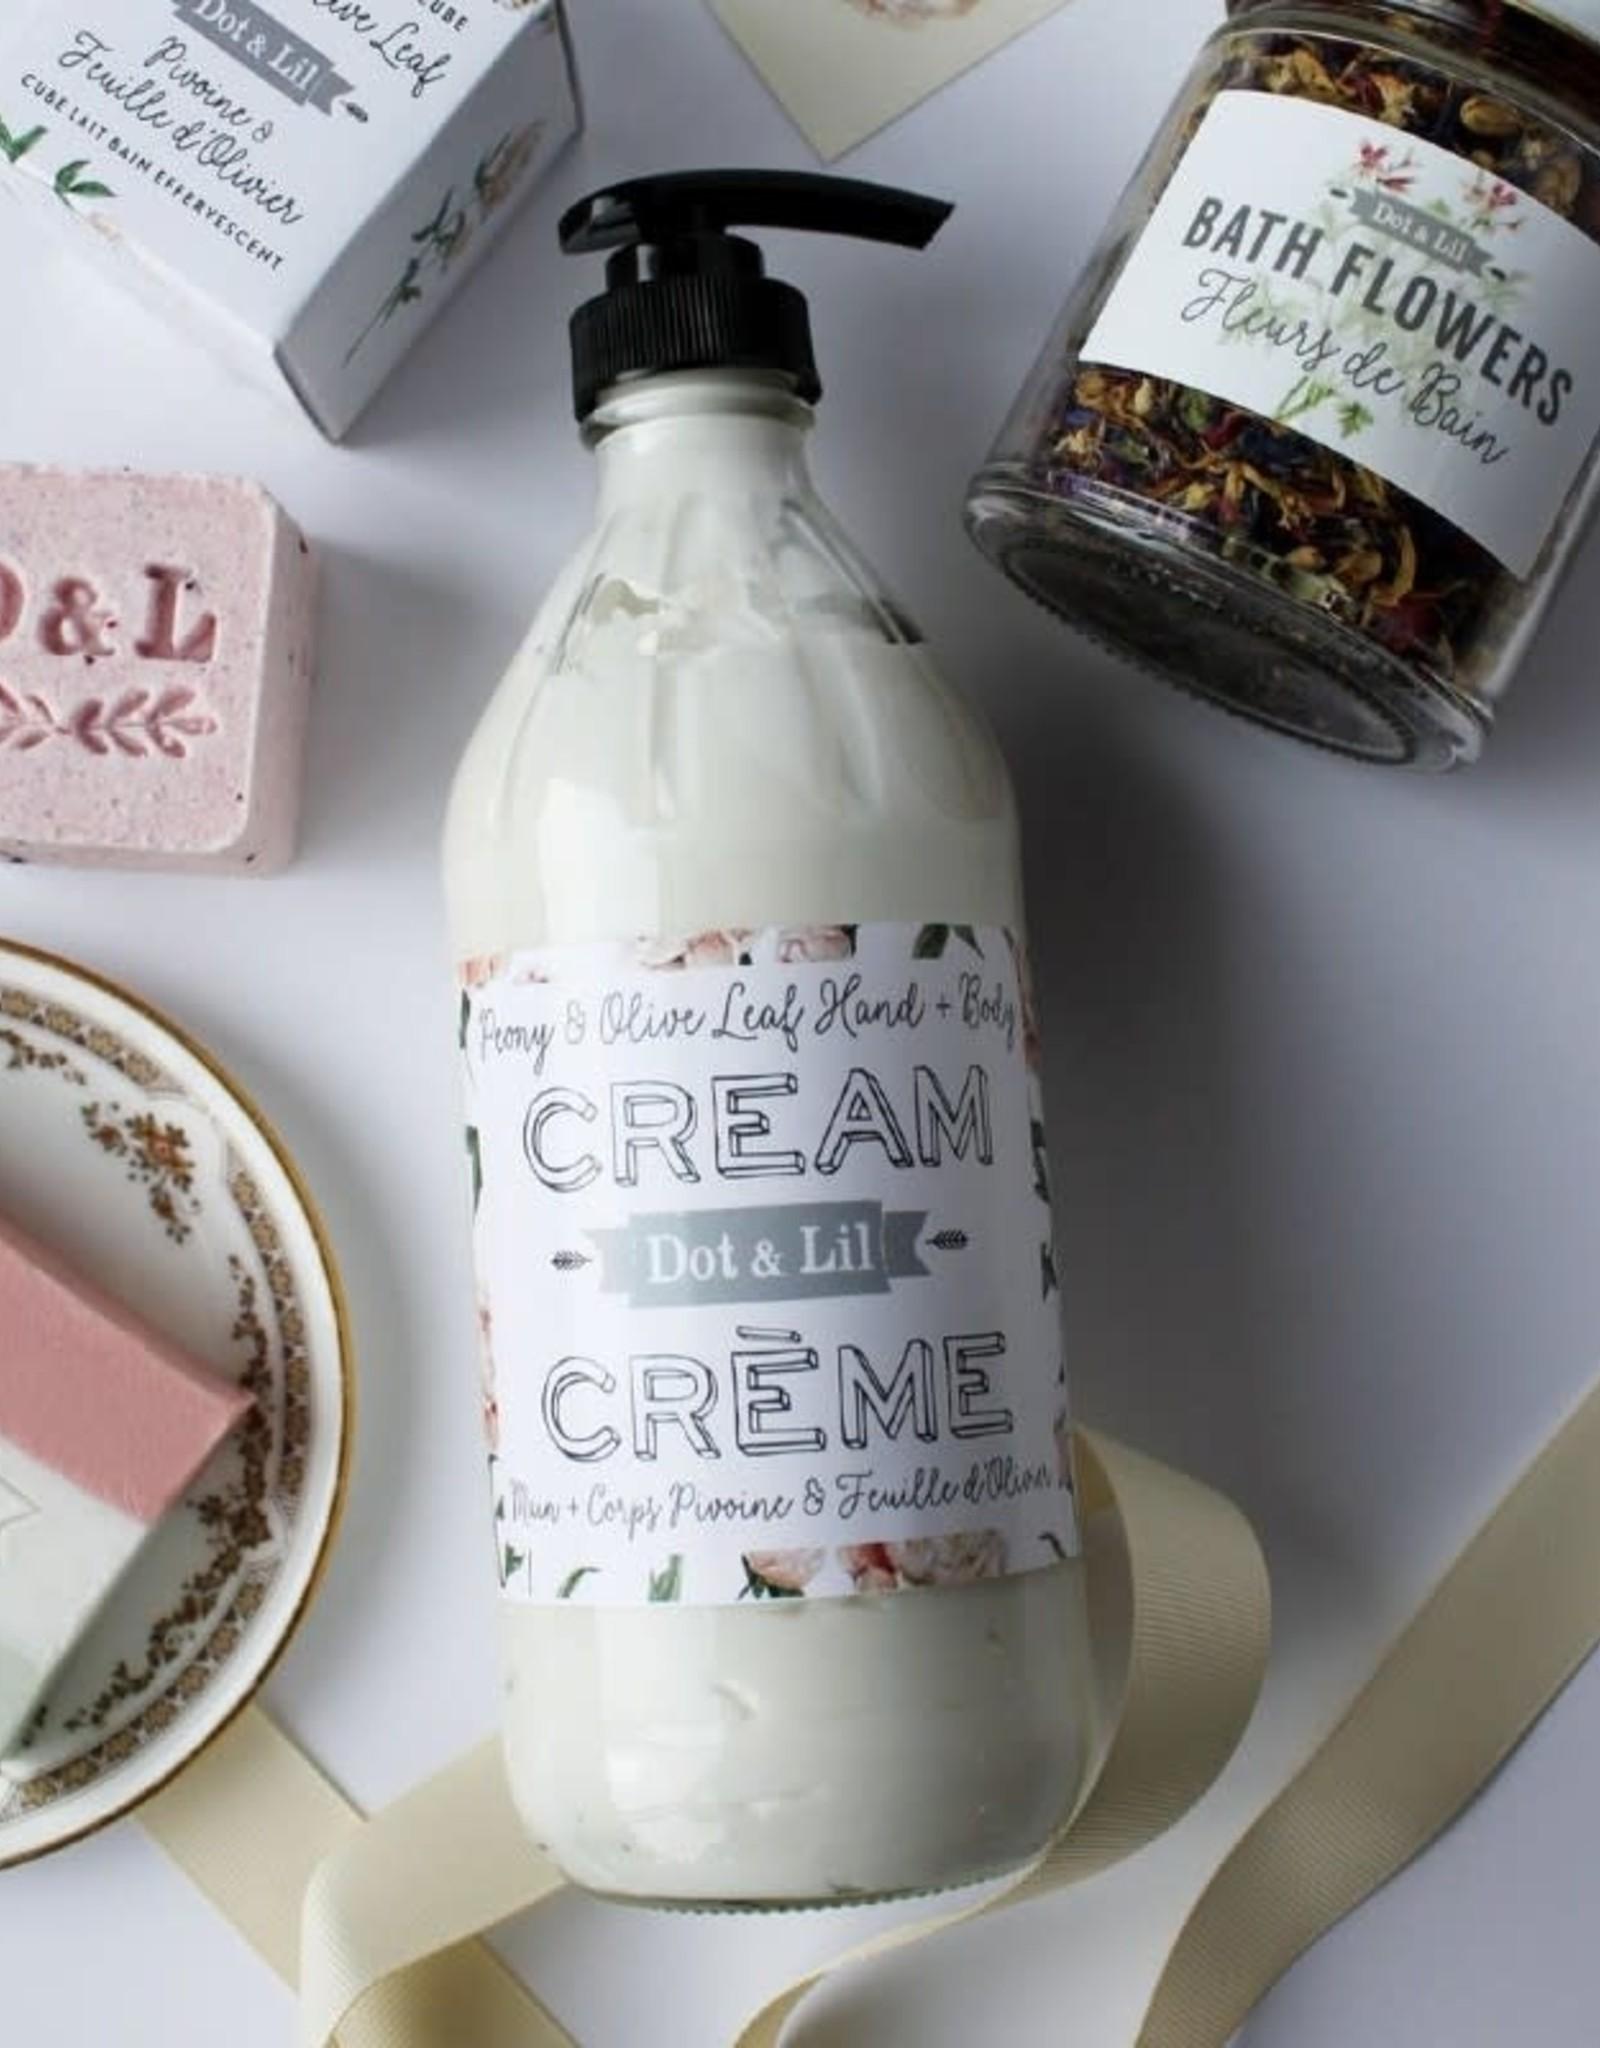 Dot and Lil Crème Mains et Corps 16 oz. Dot & Lil Pivoine & Feuille d'olivier